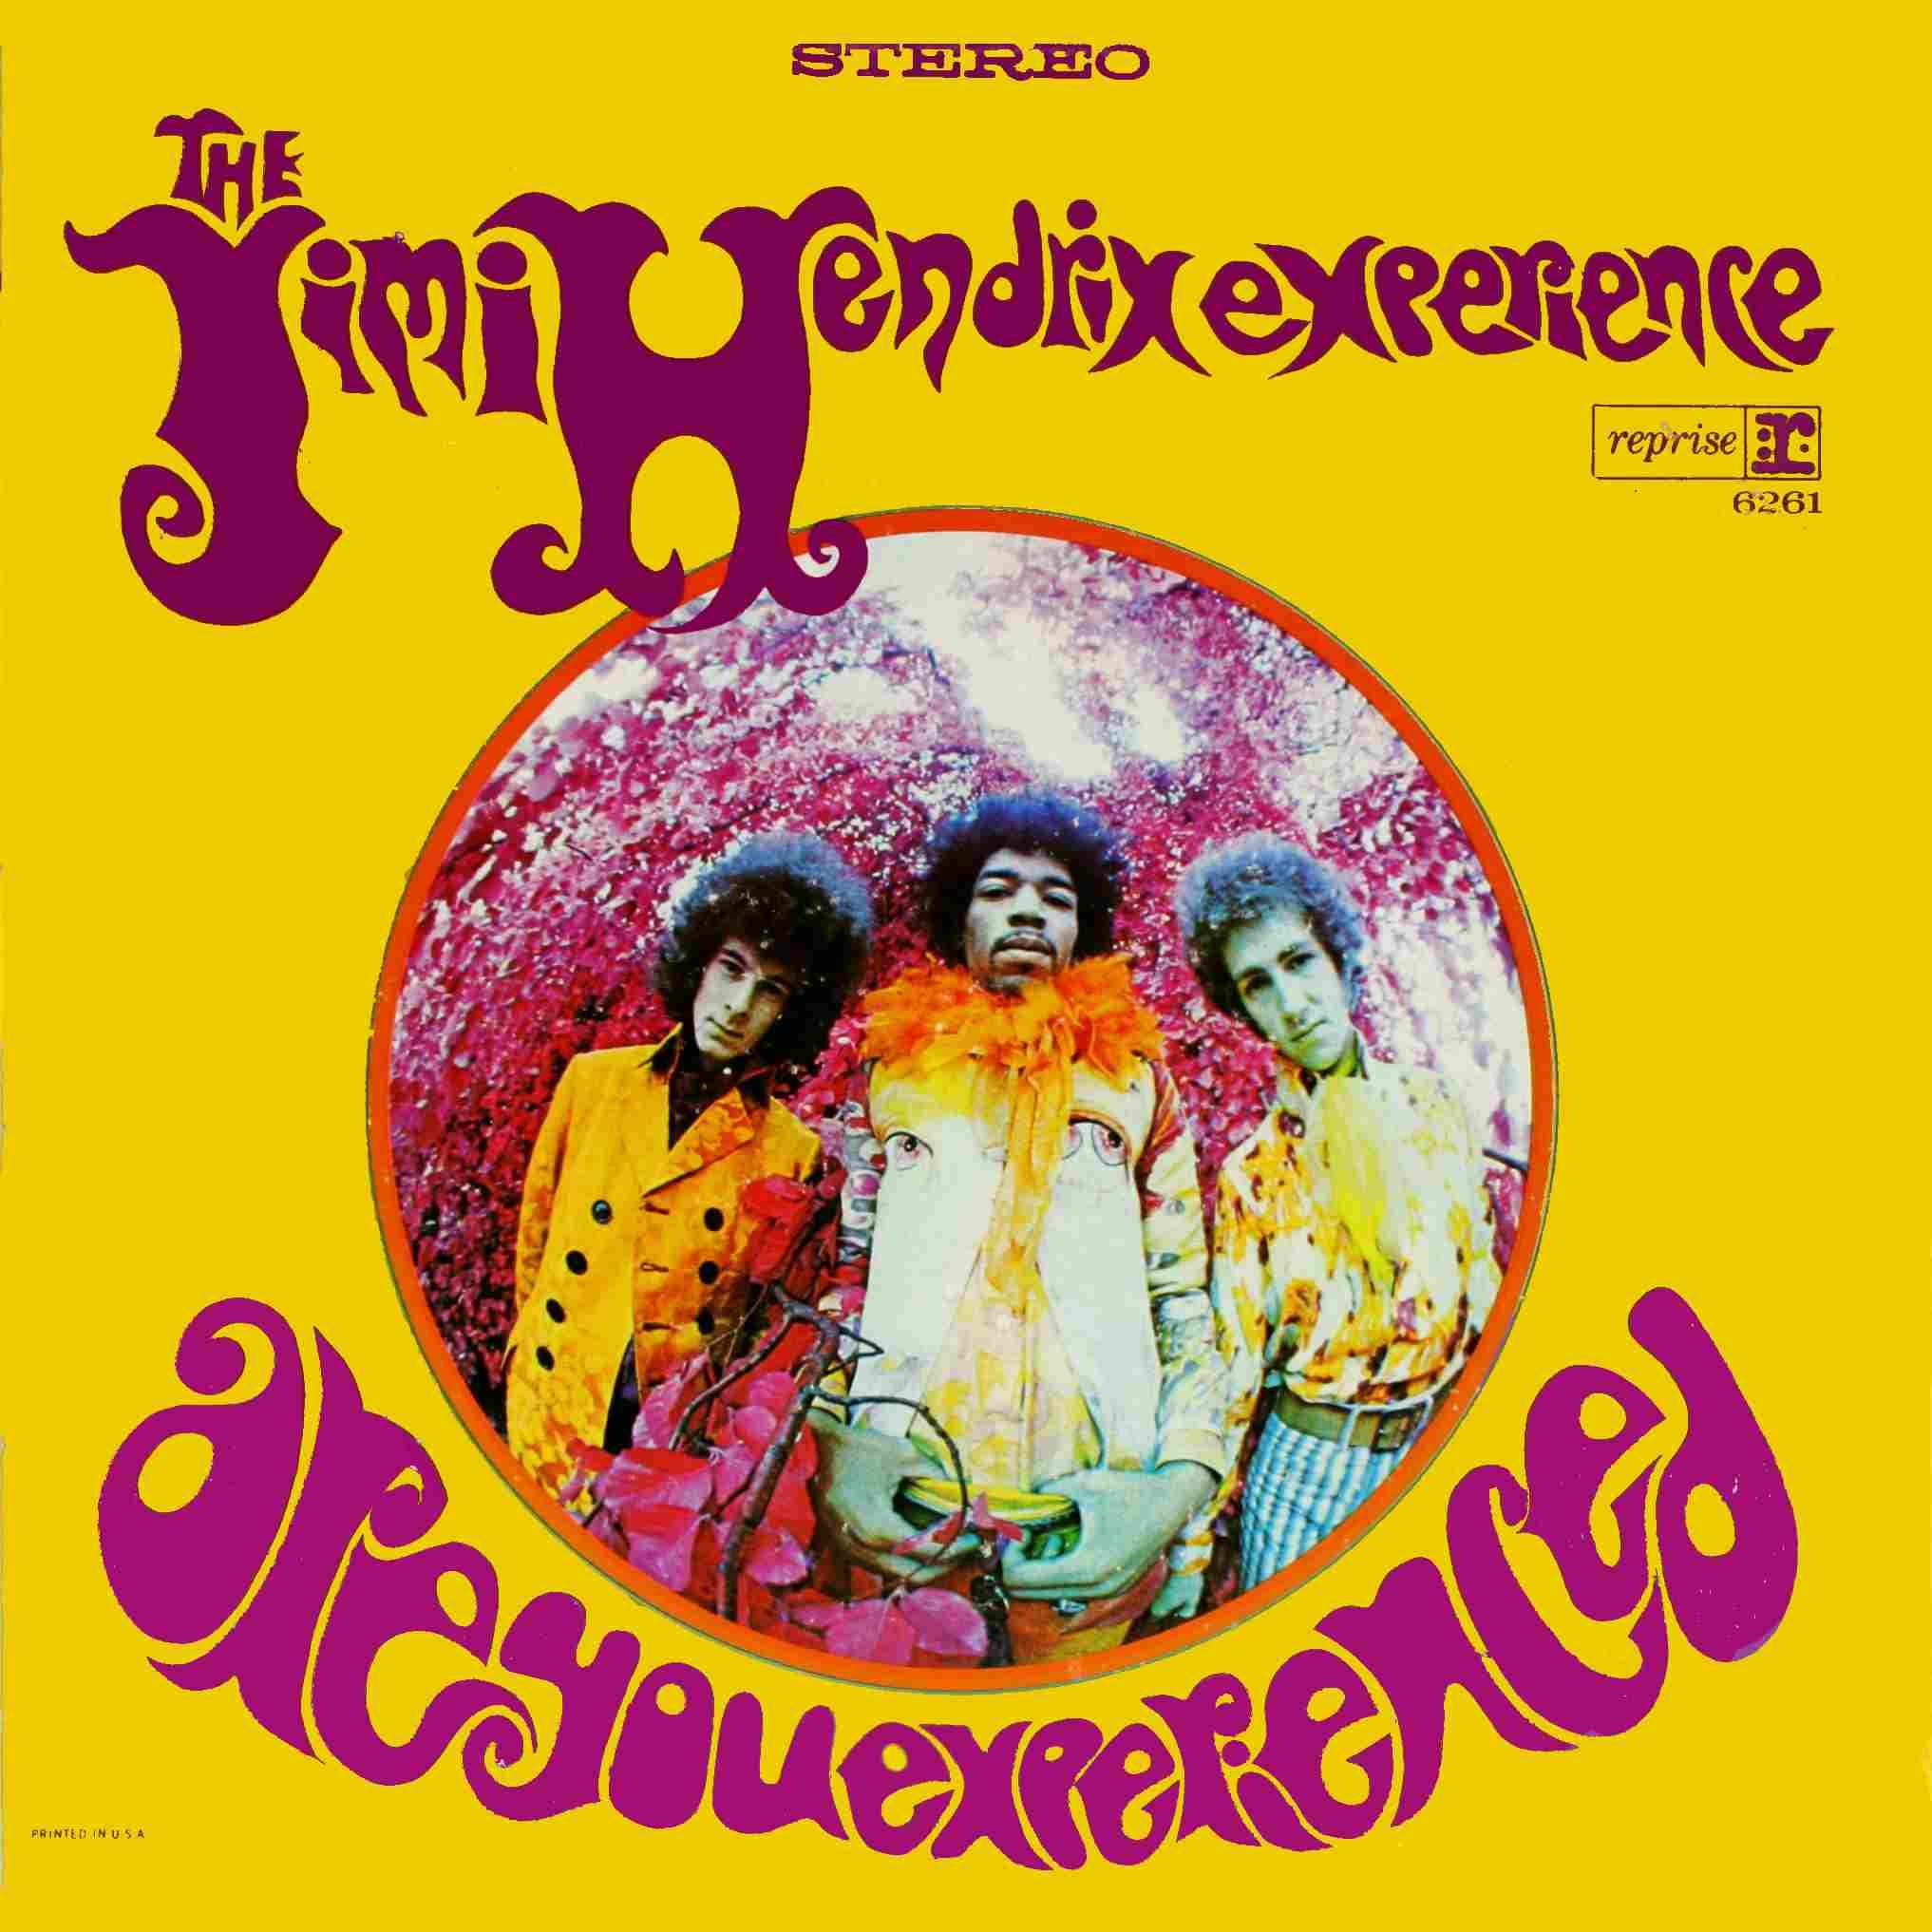 Top Jimi Hendrix Songs, Best of the Guitar Genius